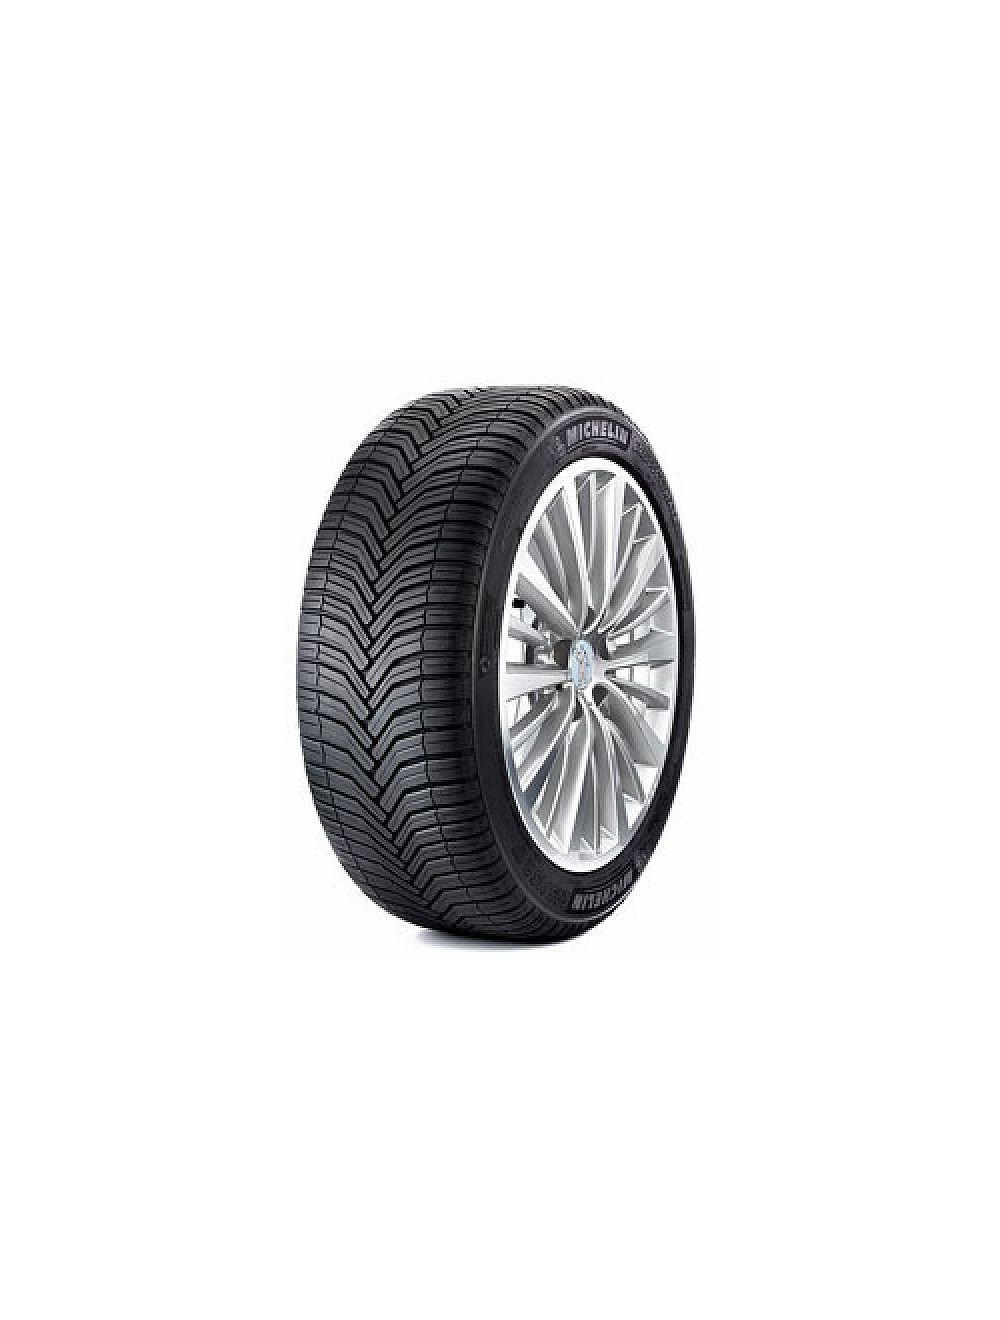 Michelin 215/50R17 W CrossClimate+ XL Négyévszakos gumi